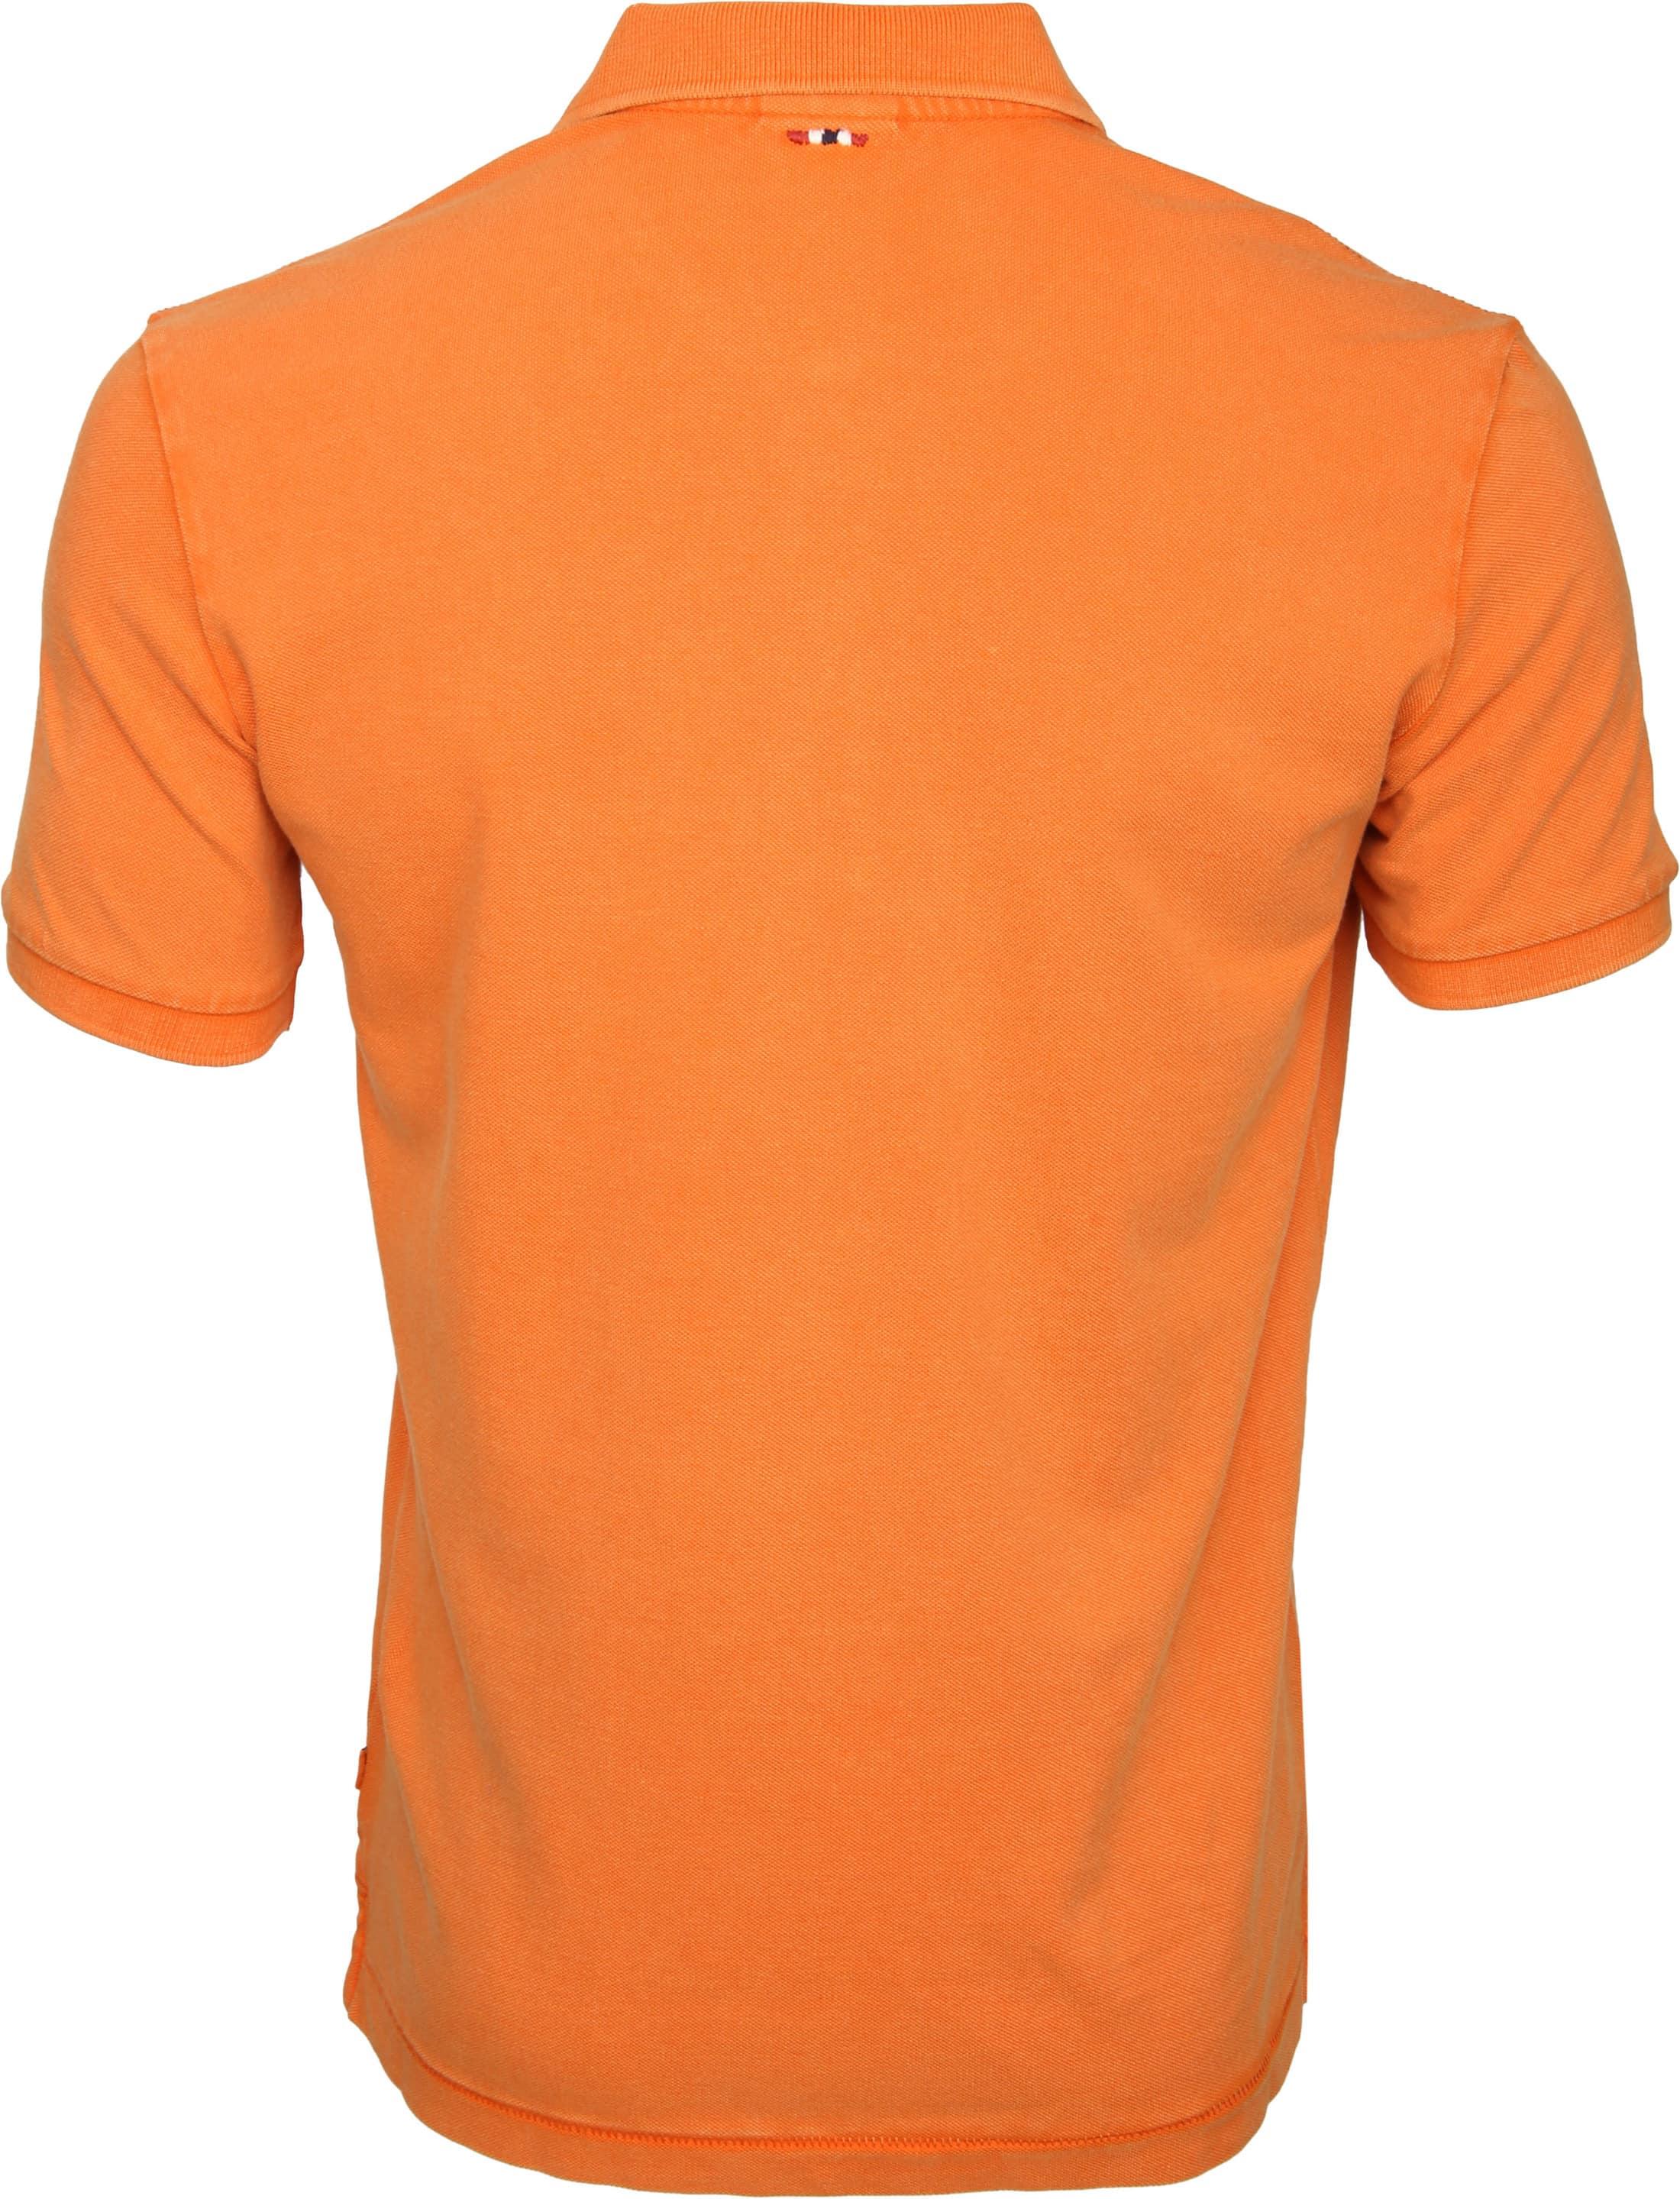 Napapijri Polo Elbas 2 Oranje foto 2